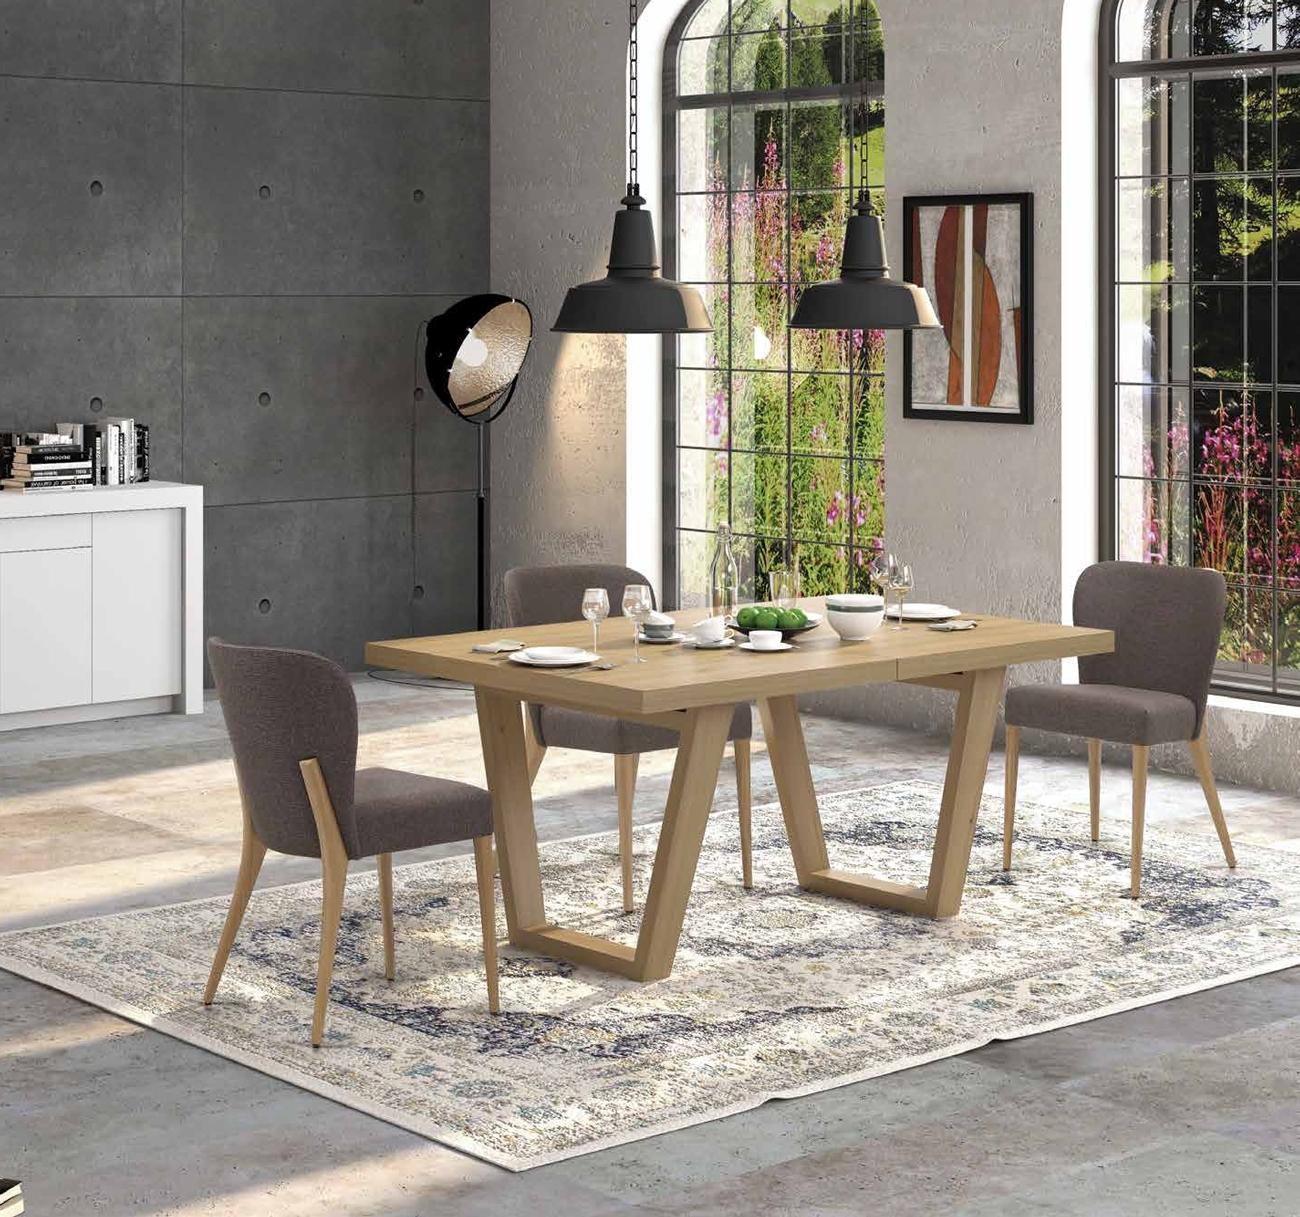 Mesa de Comedor colección Terra M06 - Mesa de Comedor colección Terra M06, Acabado con aceite ecológico y cera, que es nuestro color Roble Tostado.